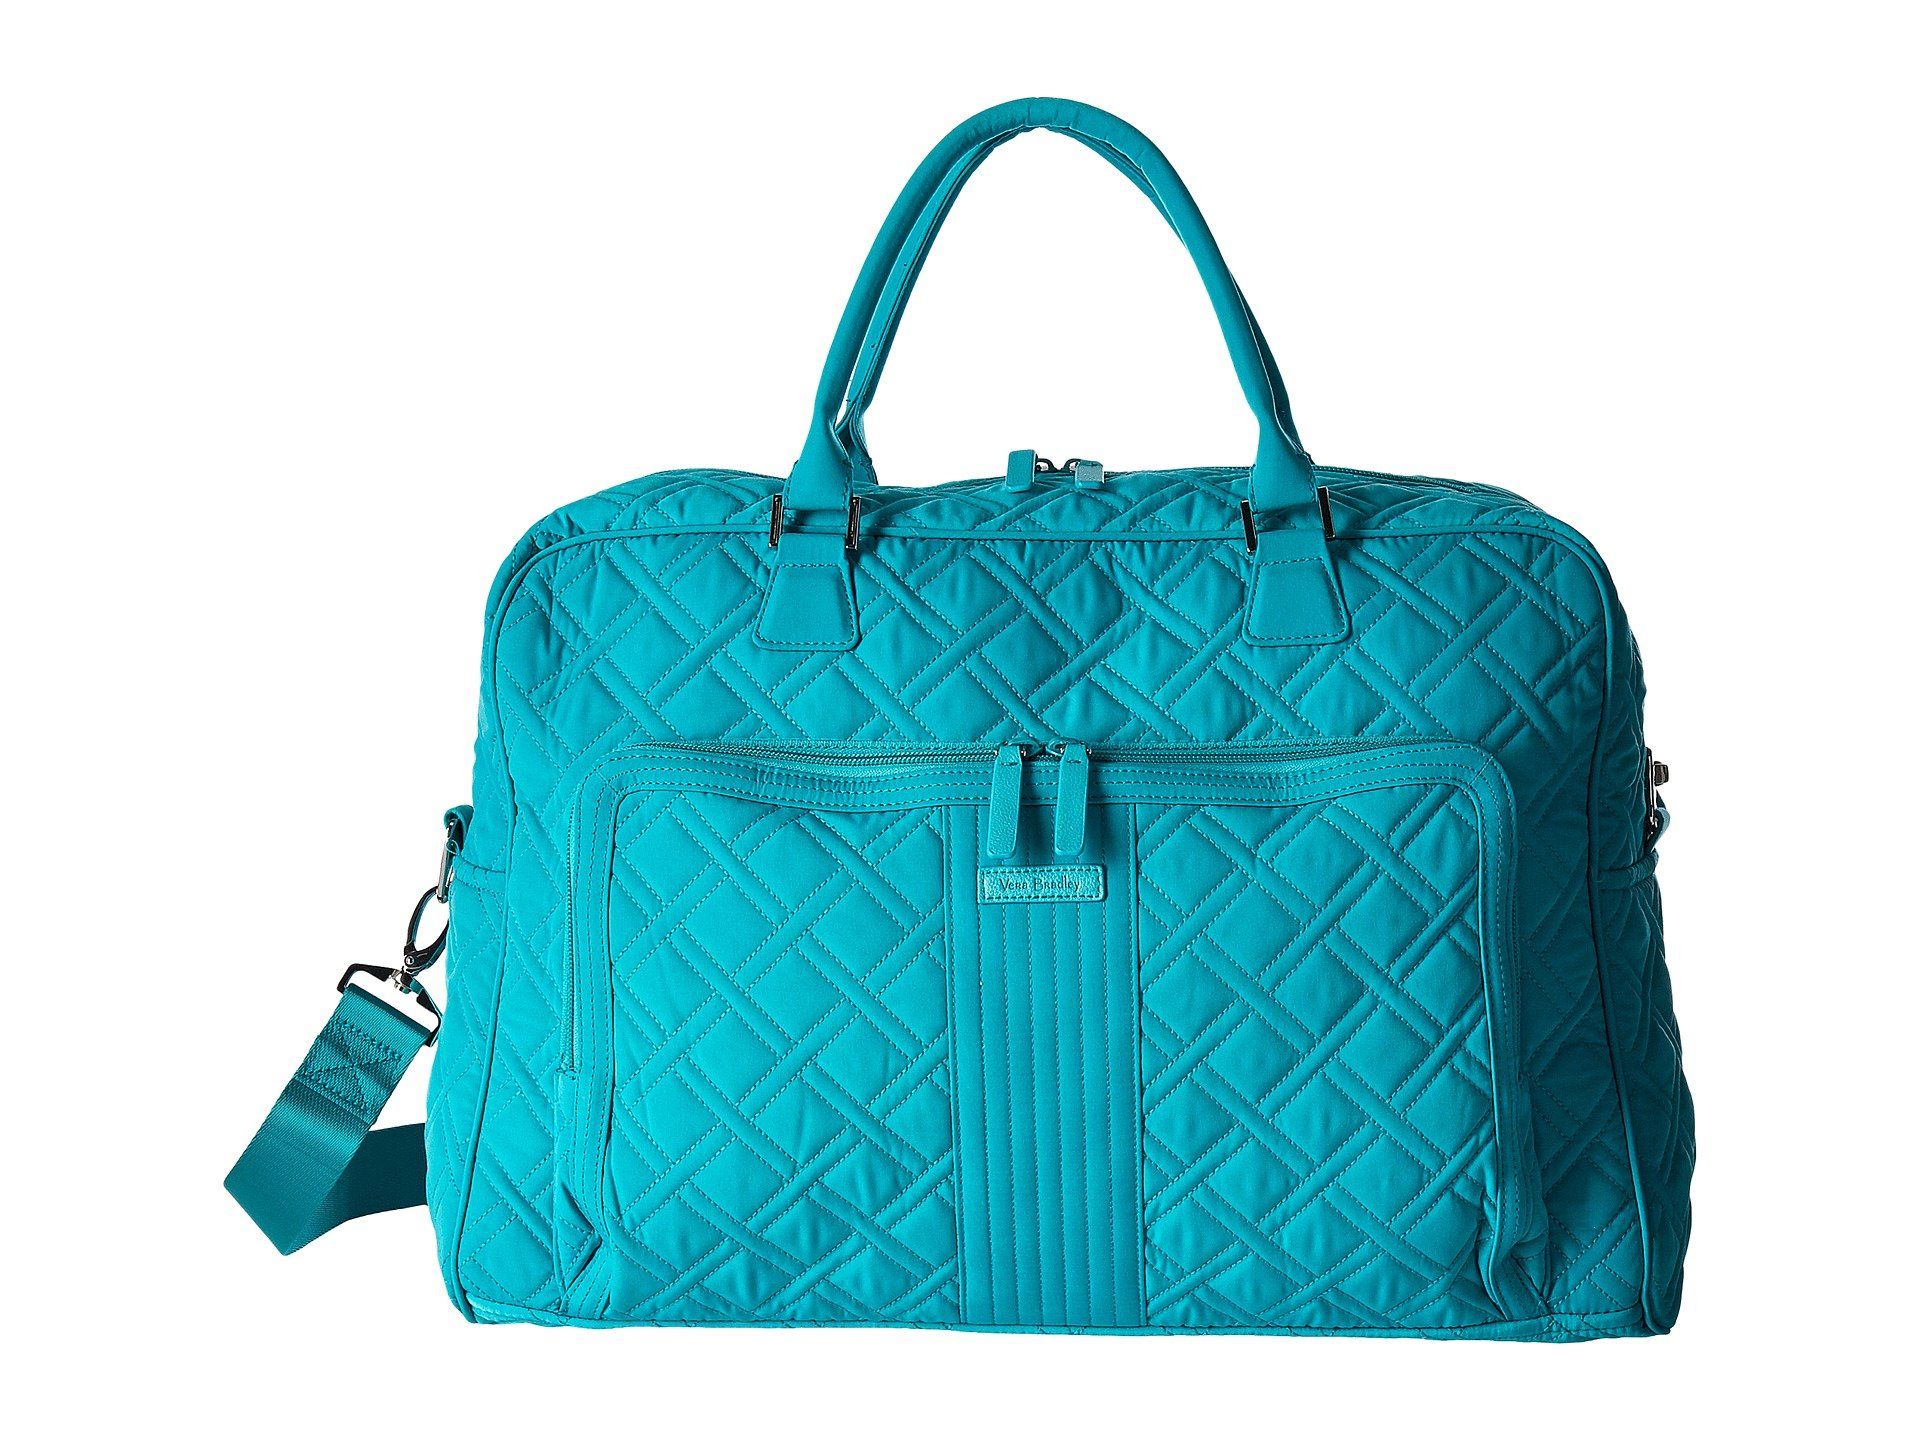 Bolso de Lona para Mujer Vera Bradley Weekender  + Vera Bradley en VeoyCompro.net